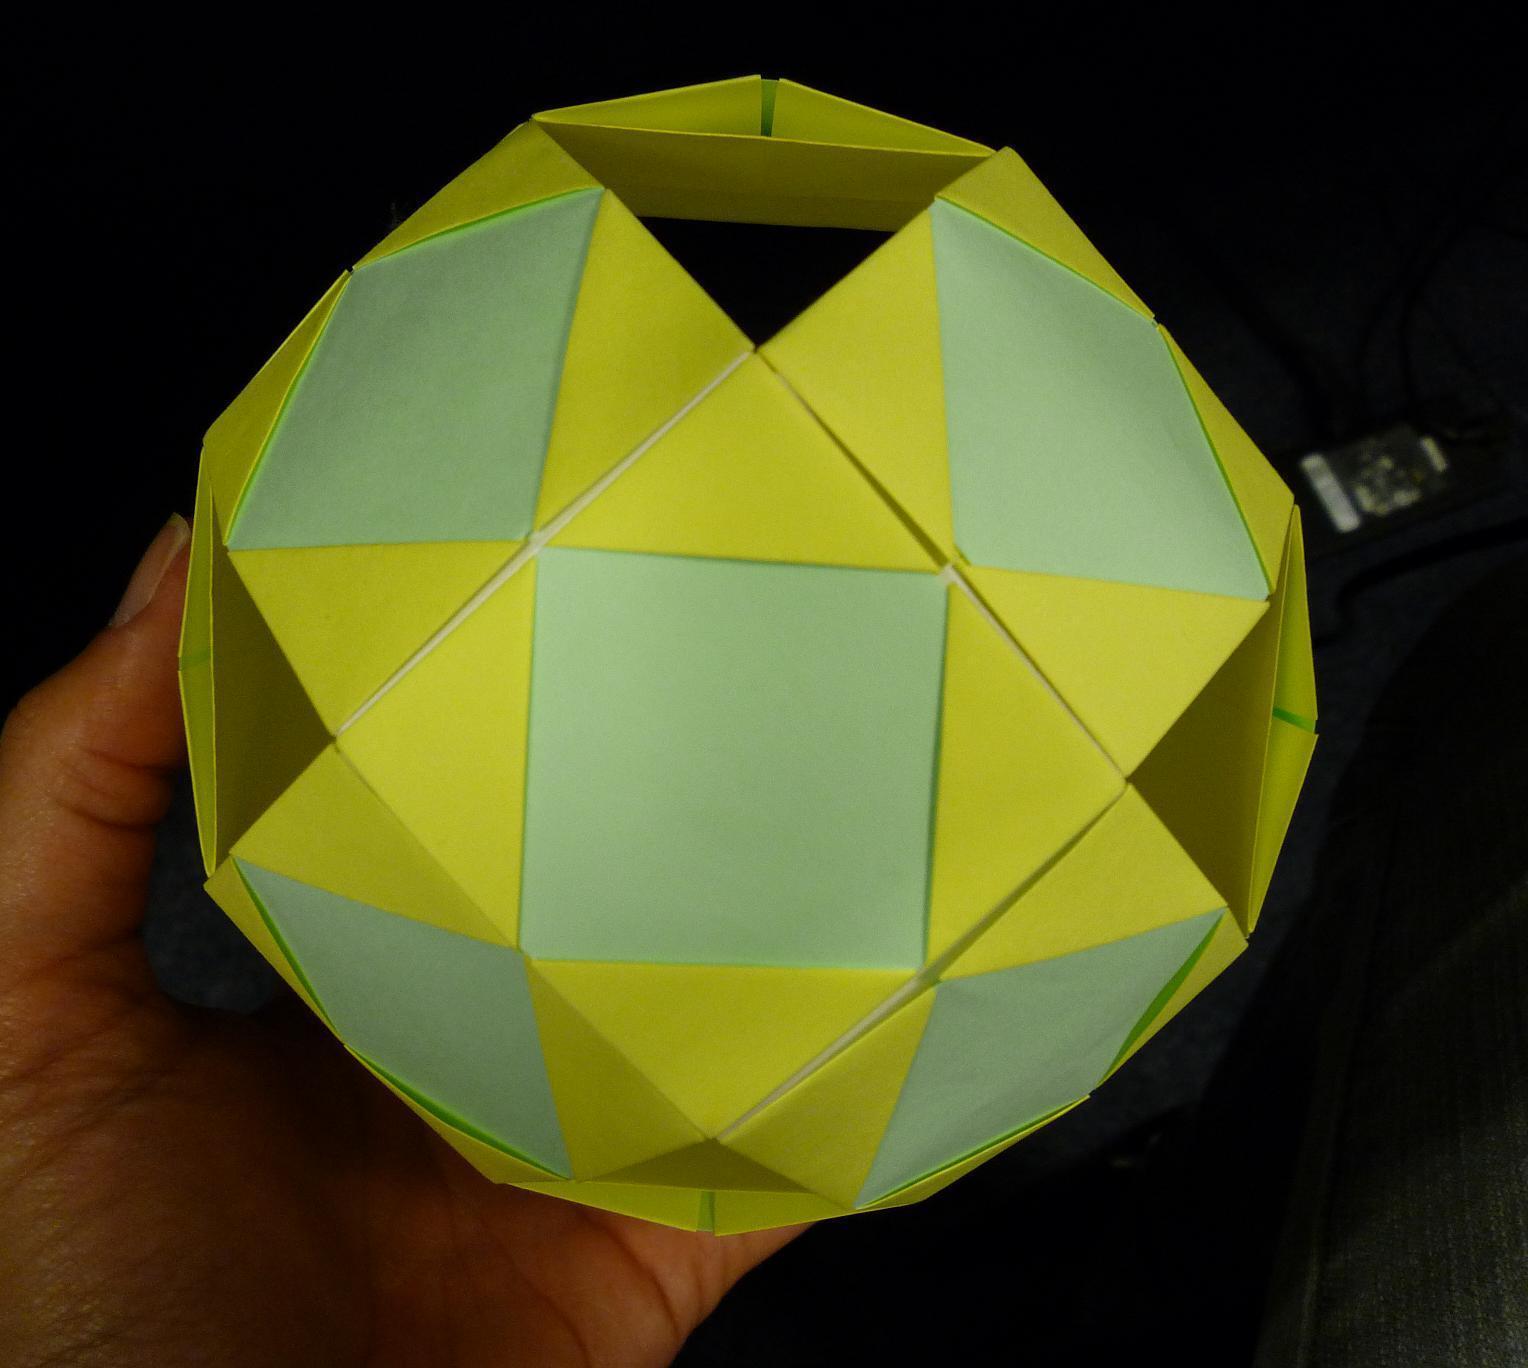 Creaciones en Origami: Esfera / Sphere - photo#36